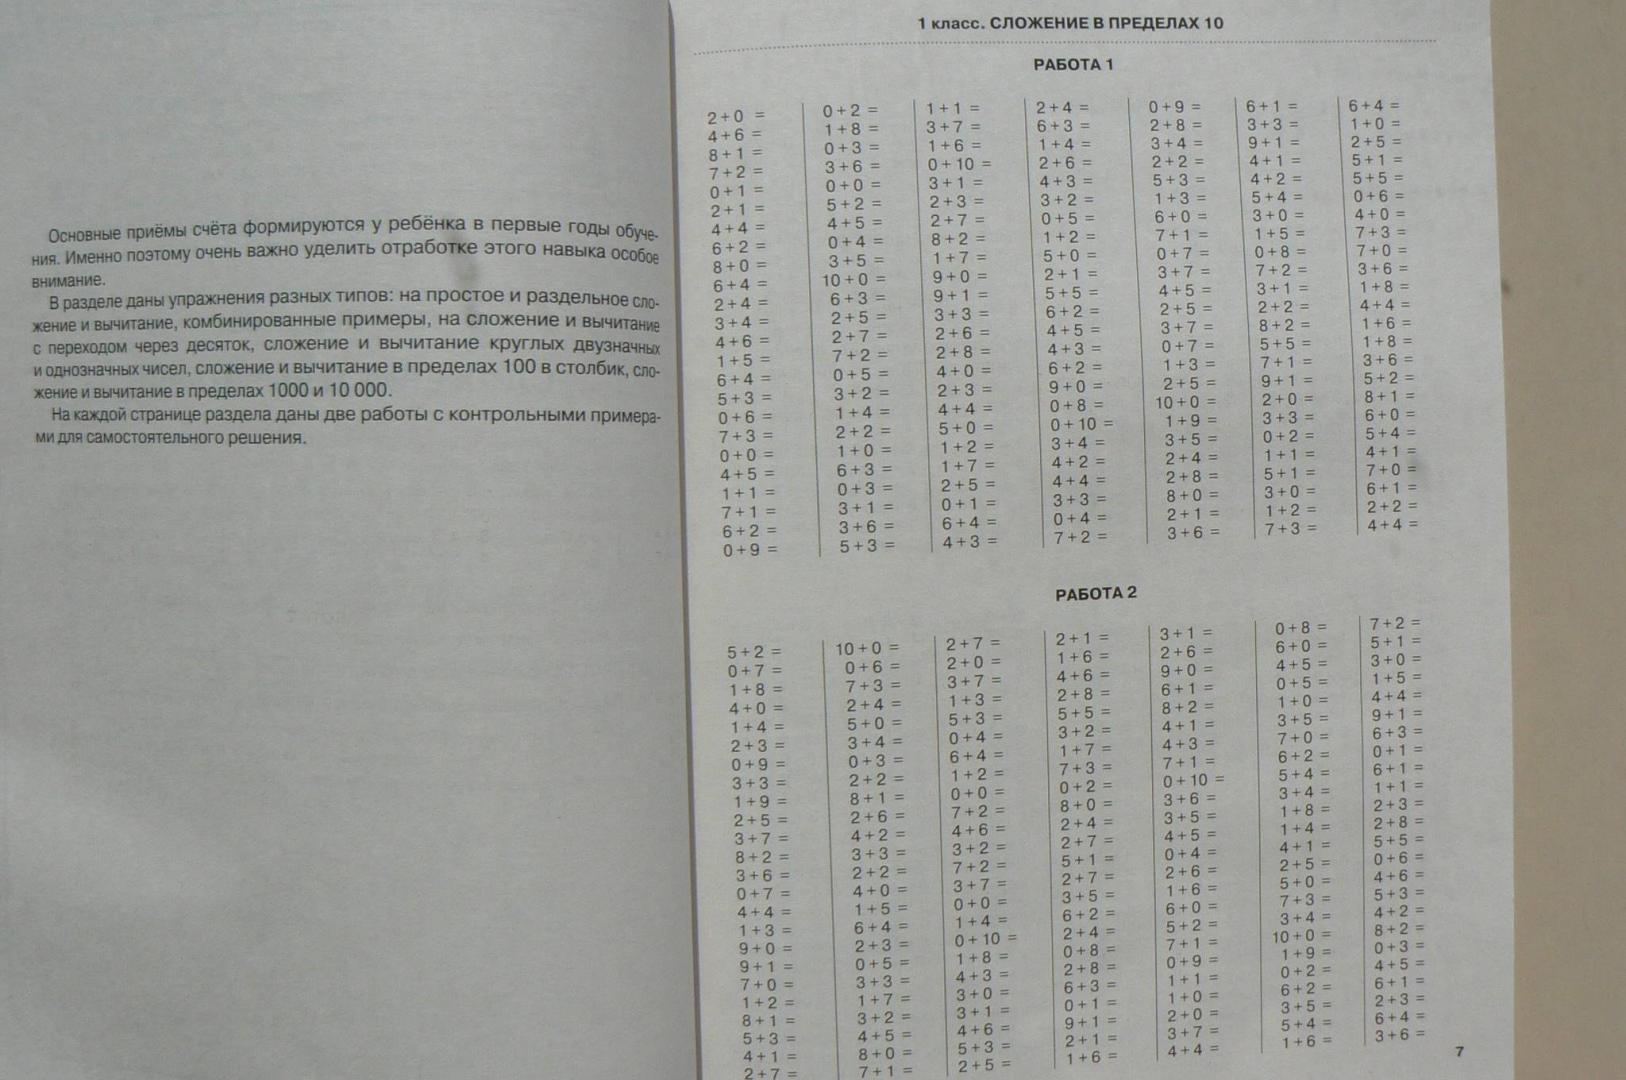 Иллюстрация 3 из 7 для Математика. 1-4 классы. 5000 заданий для подготовка к ВПР - Позднева, Кулаков, Хомяков | Лабиринт - книги. Источник: Лидия